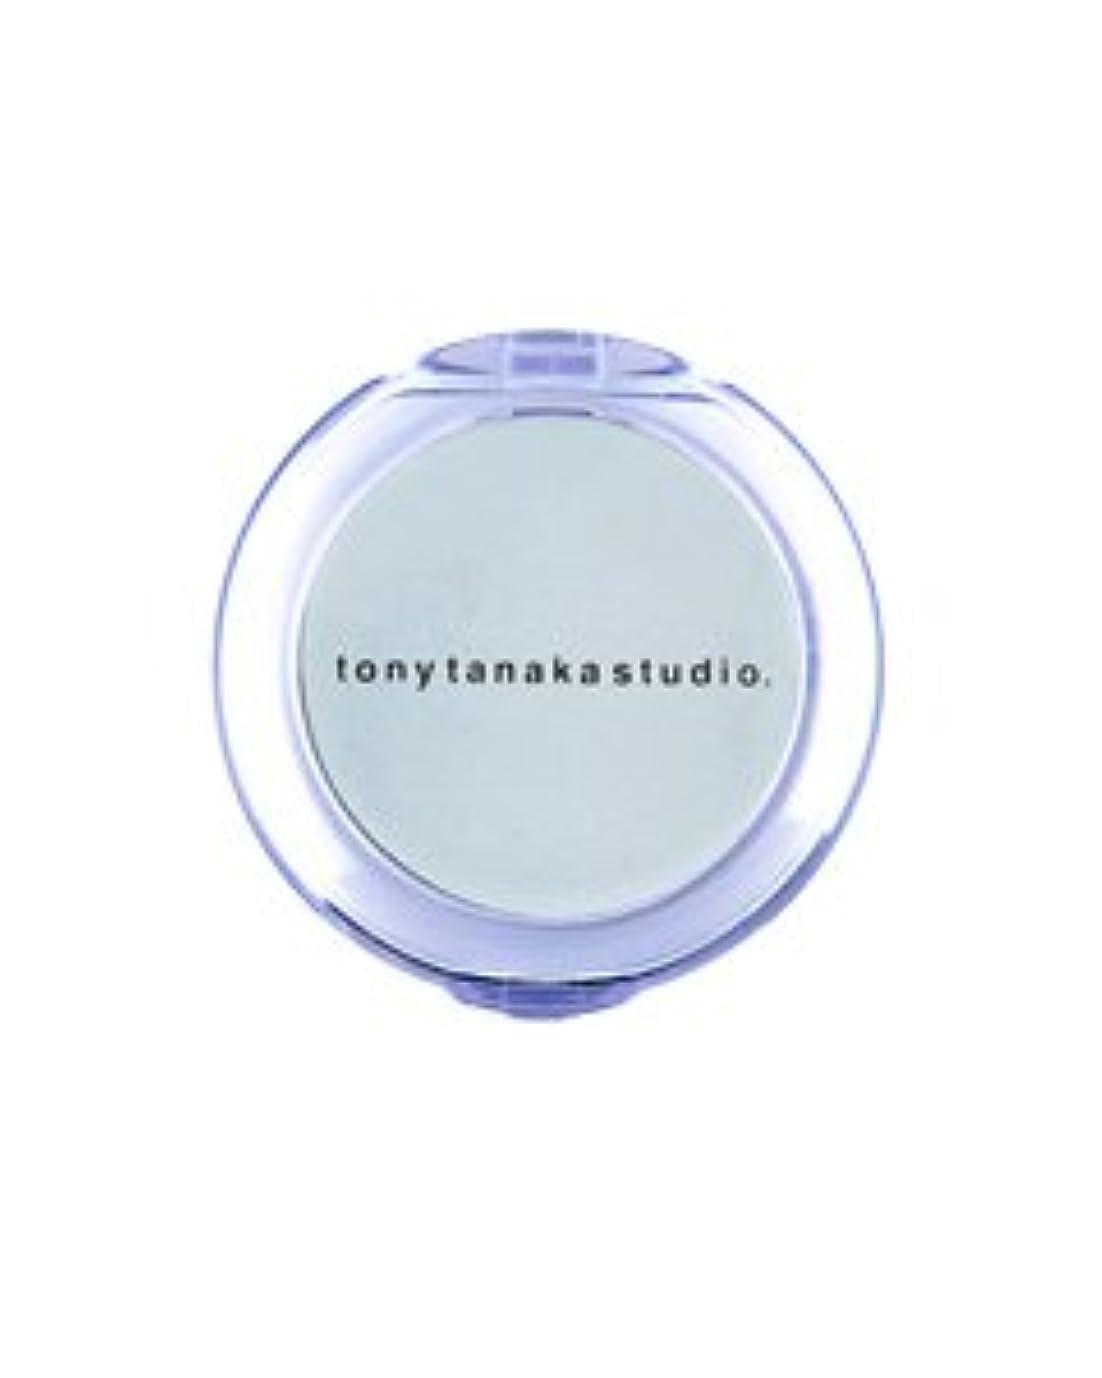 サイトライン石膏きらめきトニーズコレクション クリームアイカラー CE-01 【トニータナカ】